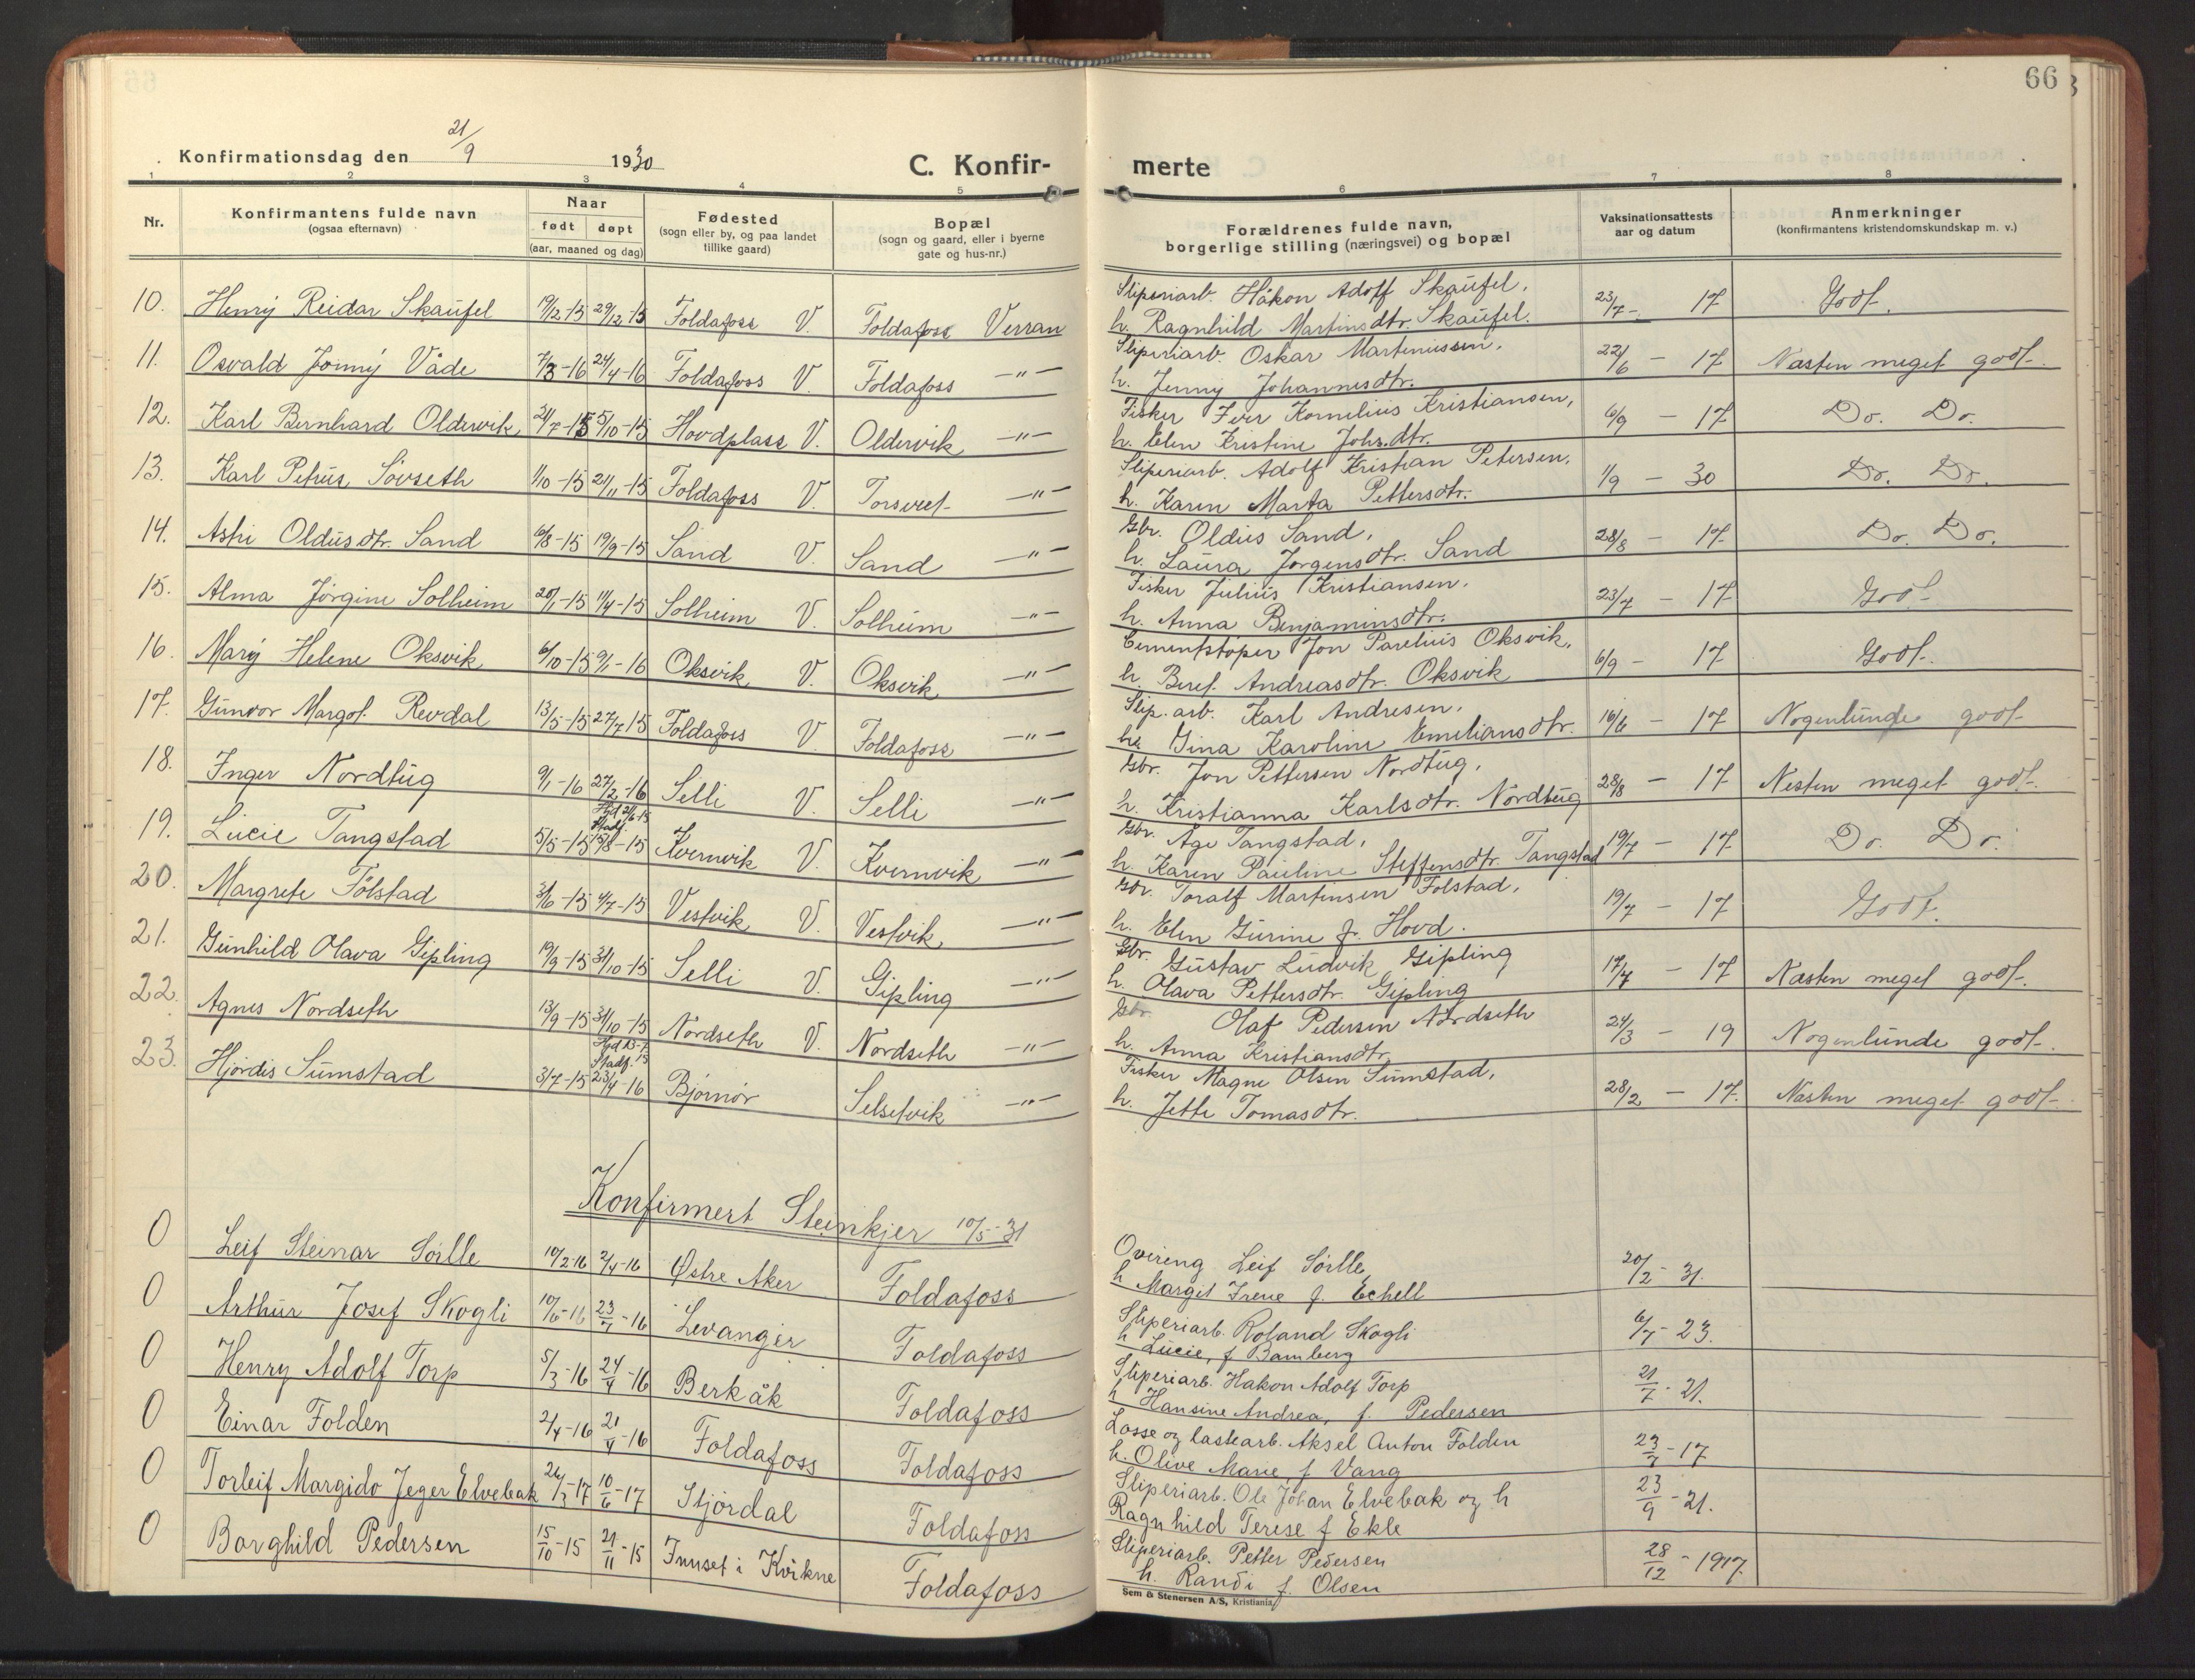 SAT, Ministerialprotokoller, klokkerbøker og fødselsregistre - Nord-Trøndelag, 744/L0425: Klokkerbok nr. 744C04, 1924-1947, s. 66